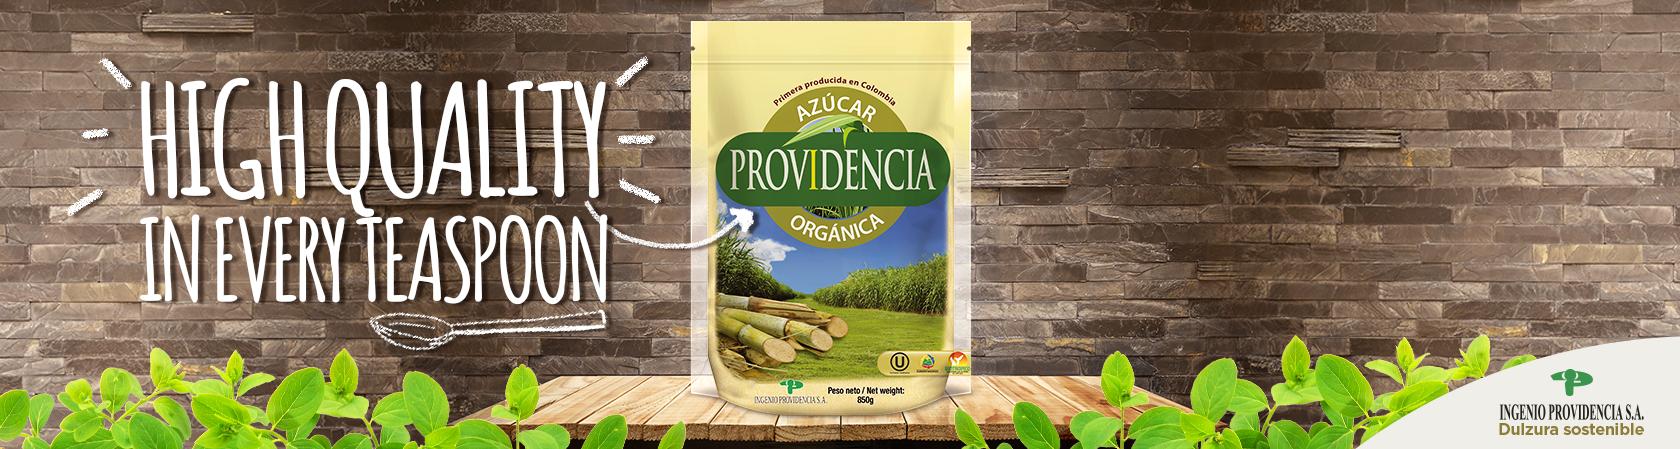 Azucar-Providencia-Organica_Octubre2017_en